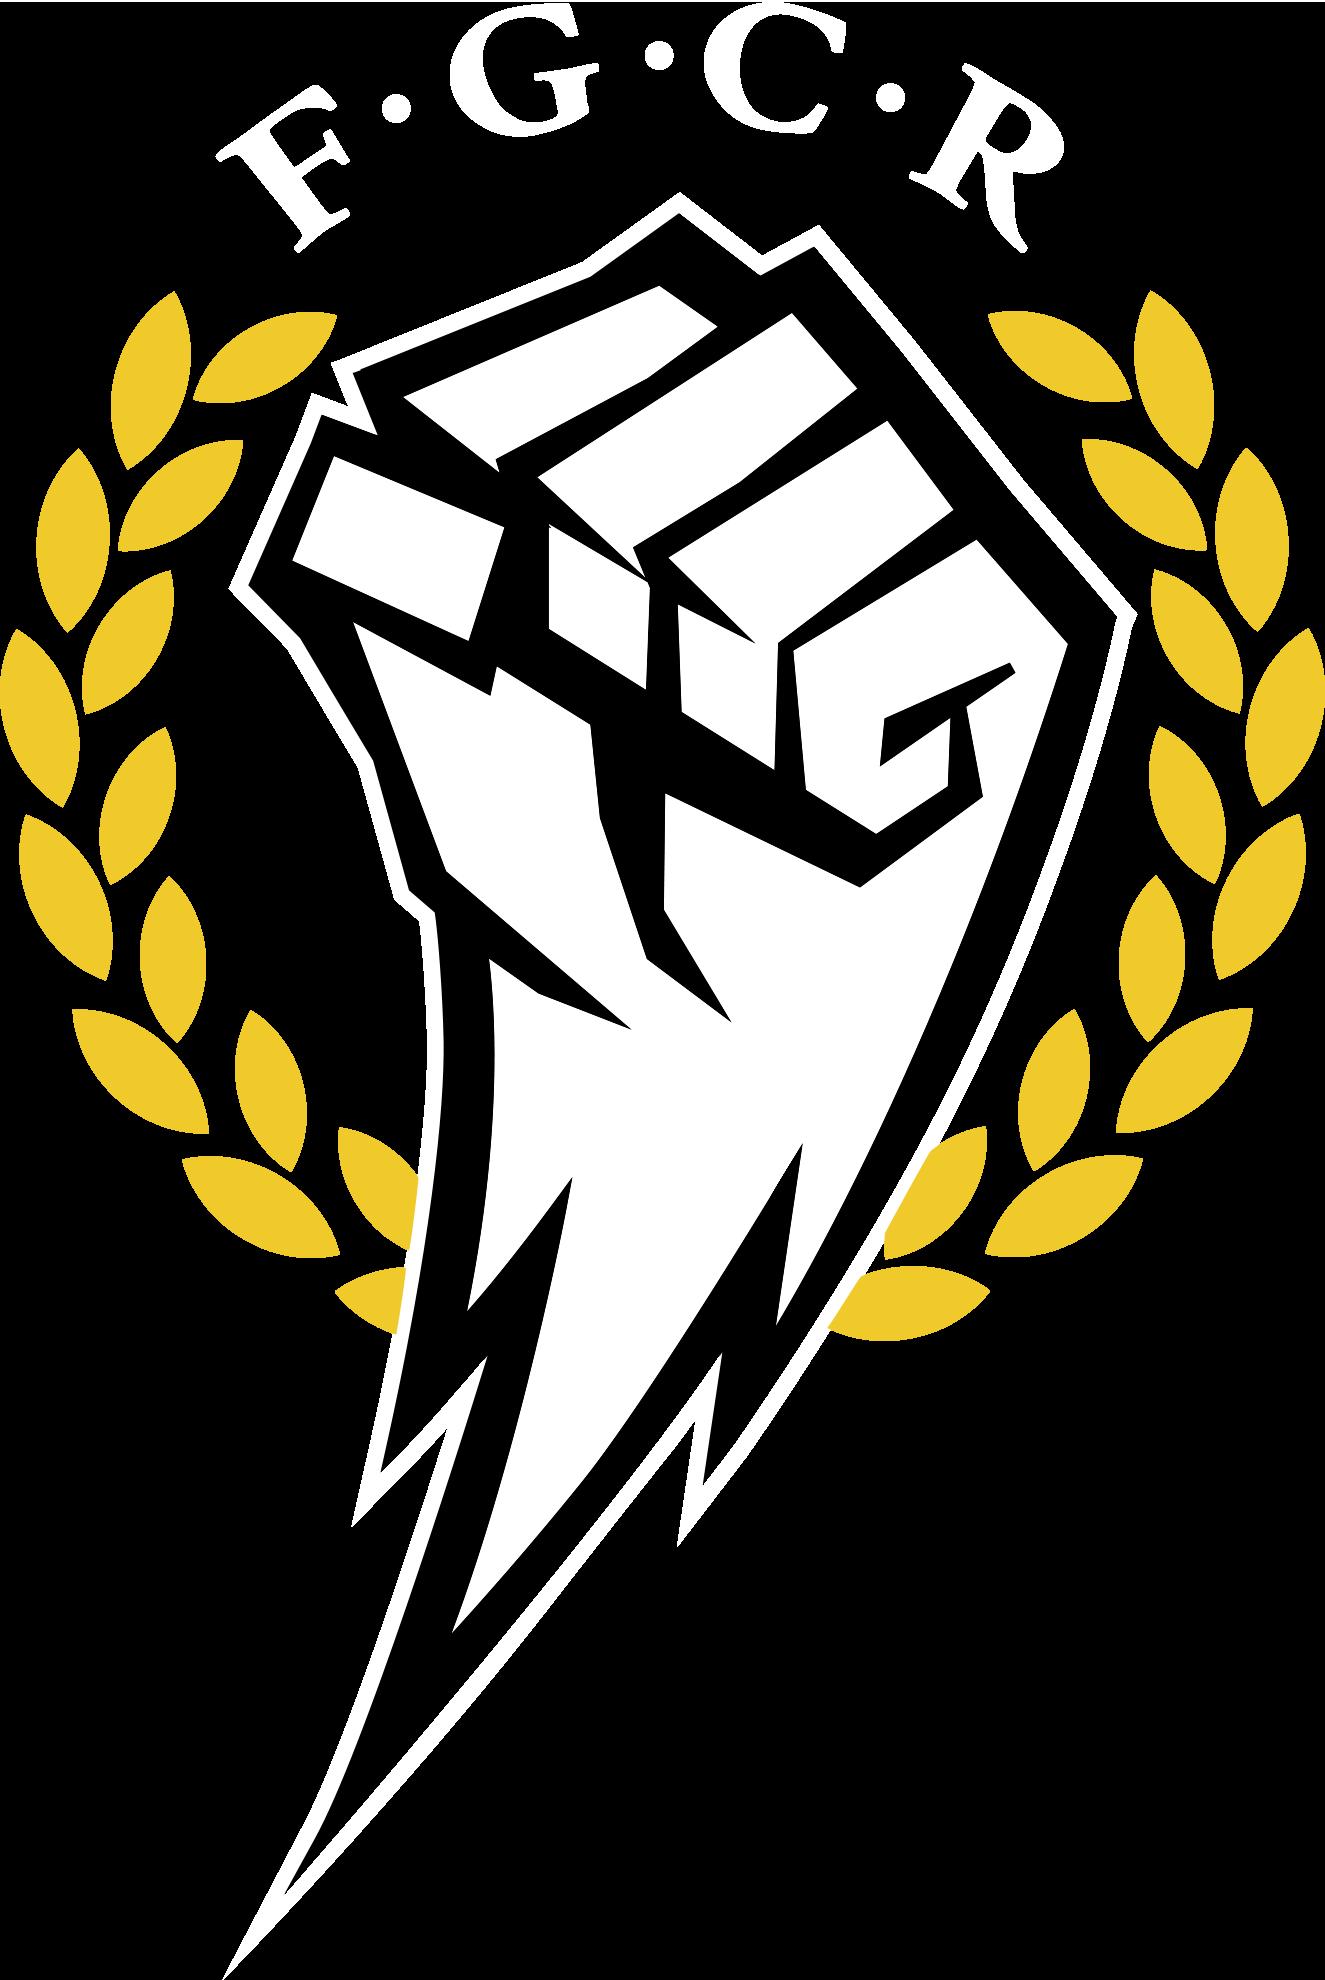 logo FGCR2 (1)